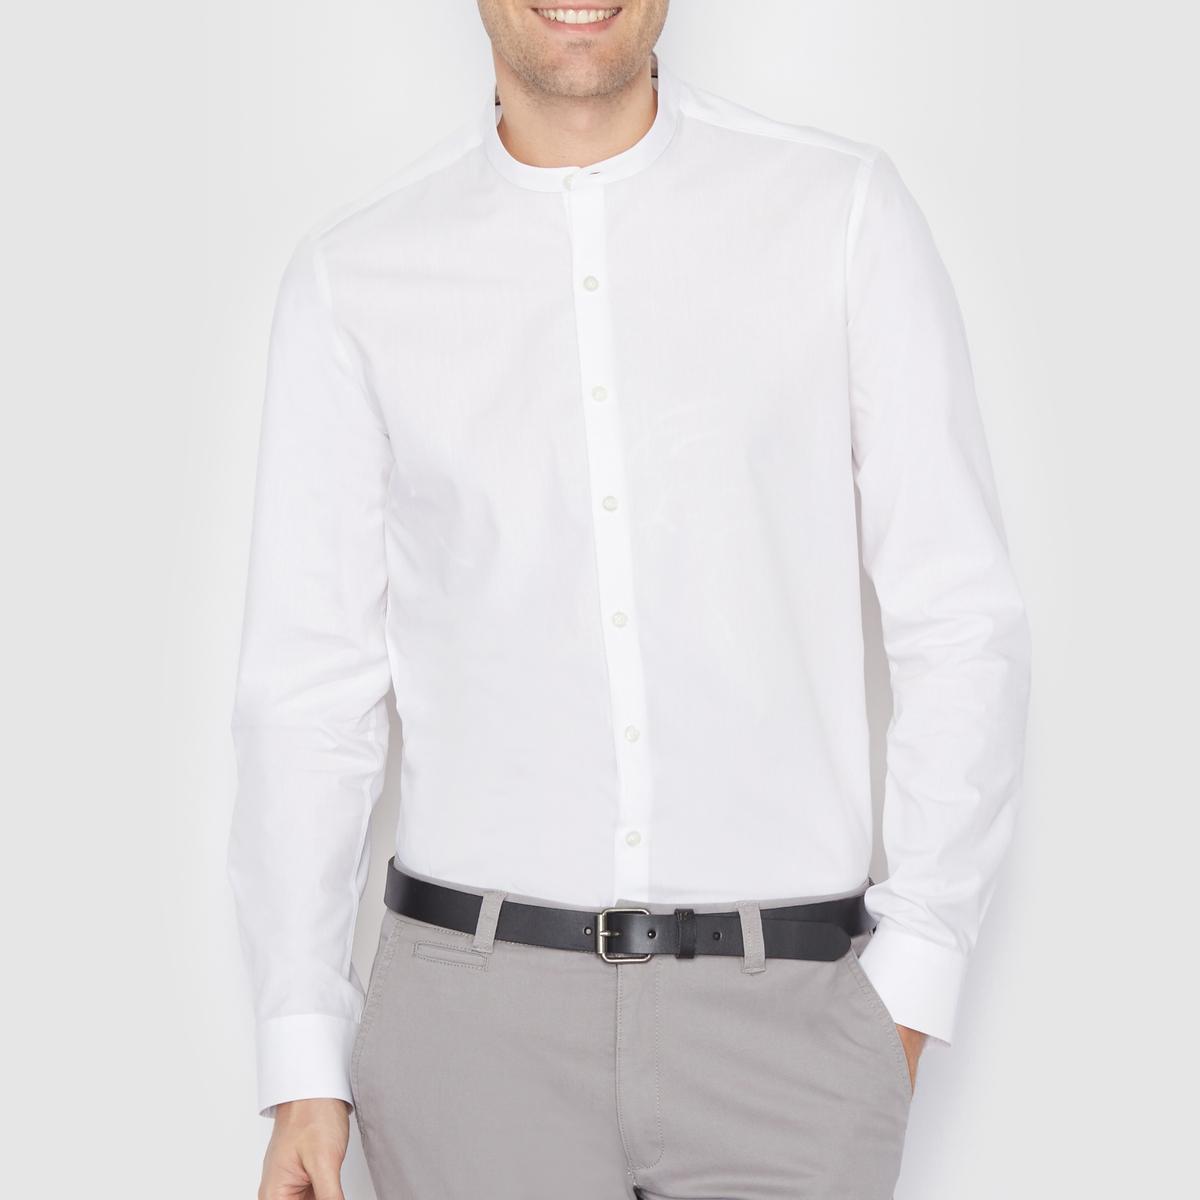 Рубашка зауженного покроя 100% хлопок